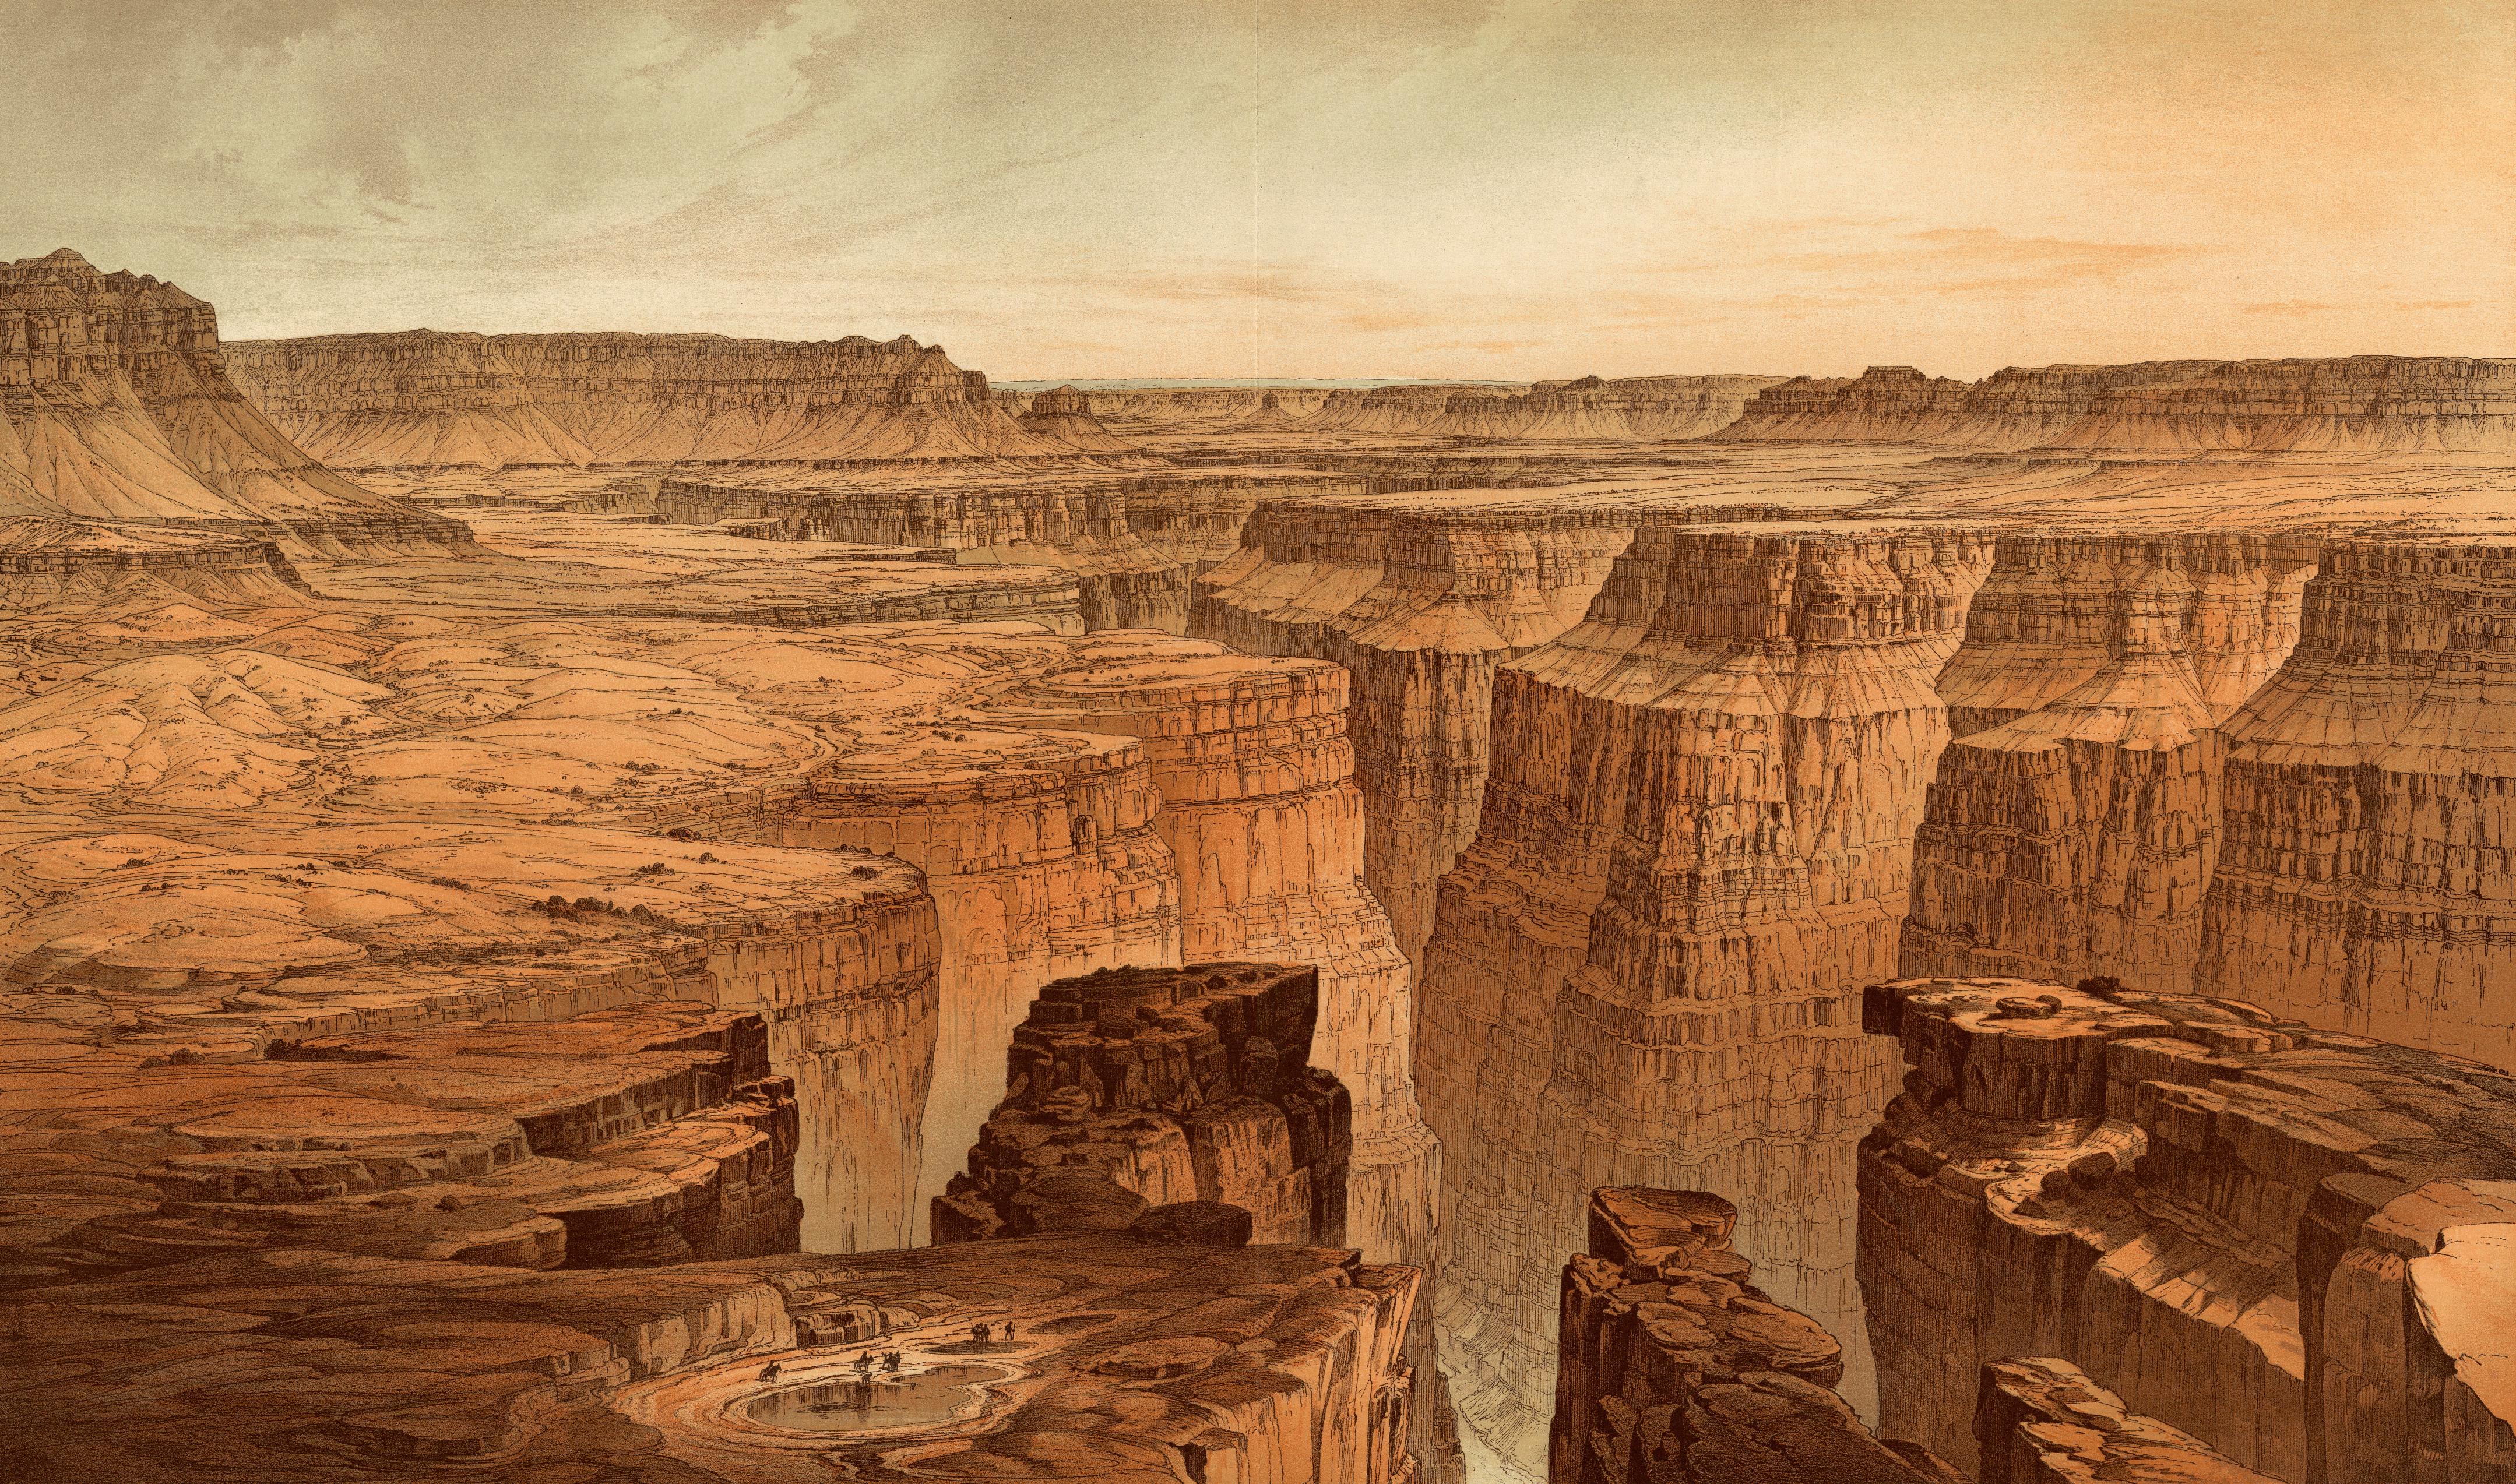 Гранд каньон обои на рабочий стол 1